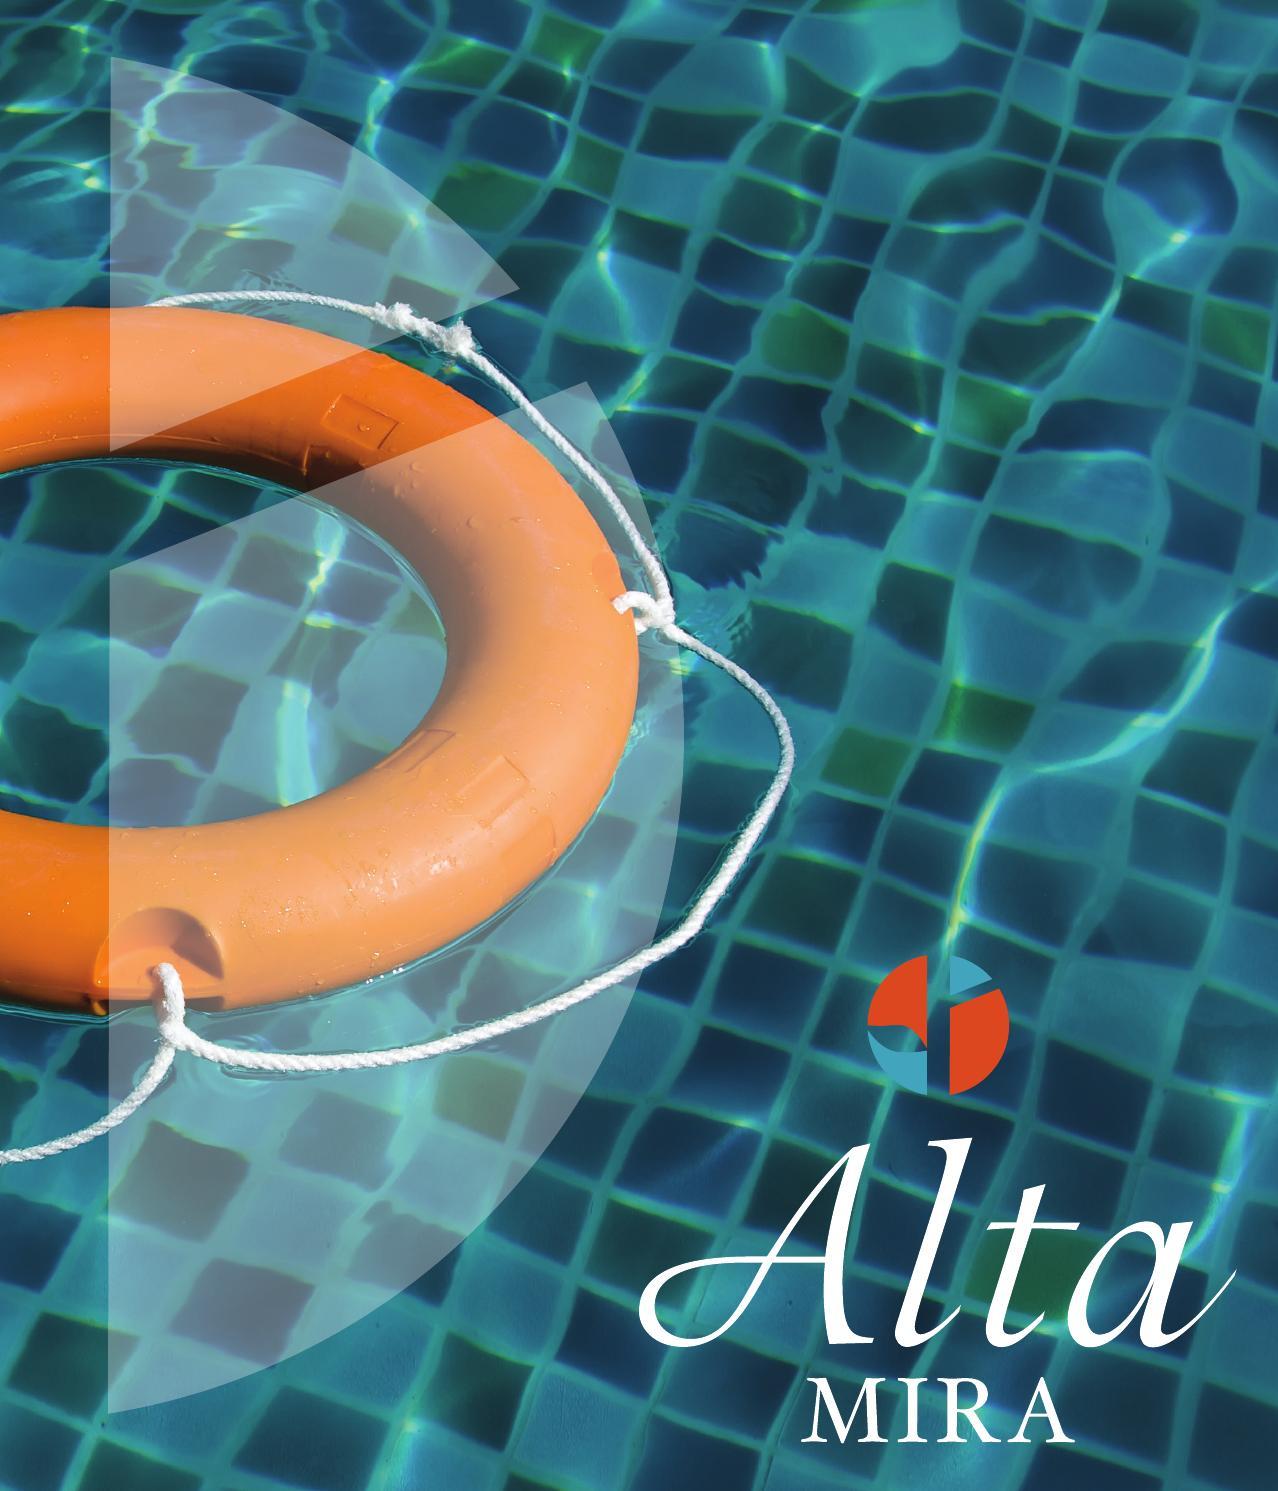 Alta Mira Lifestyle // Miami, FL By The Laramar Group